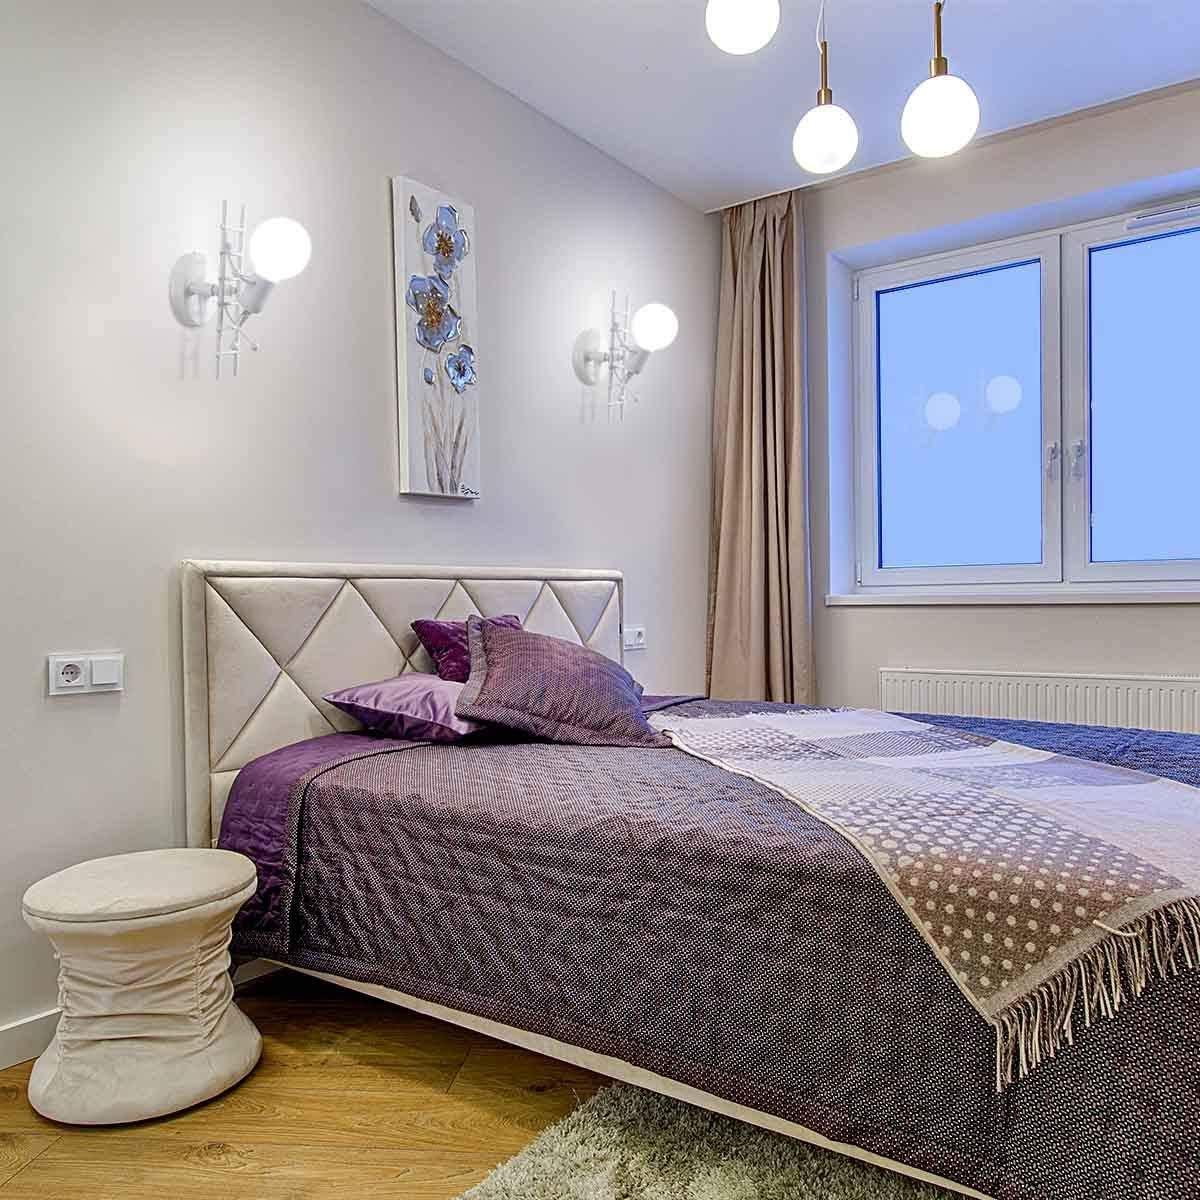 pasillo para dormitorio cocina restaurante vintage sal/ón industrial moderna y sencilla de metal LED retro negro FengShang L/ámpara de pared E27 Humanoid creativa escaleras